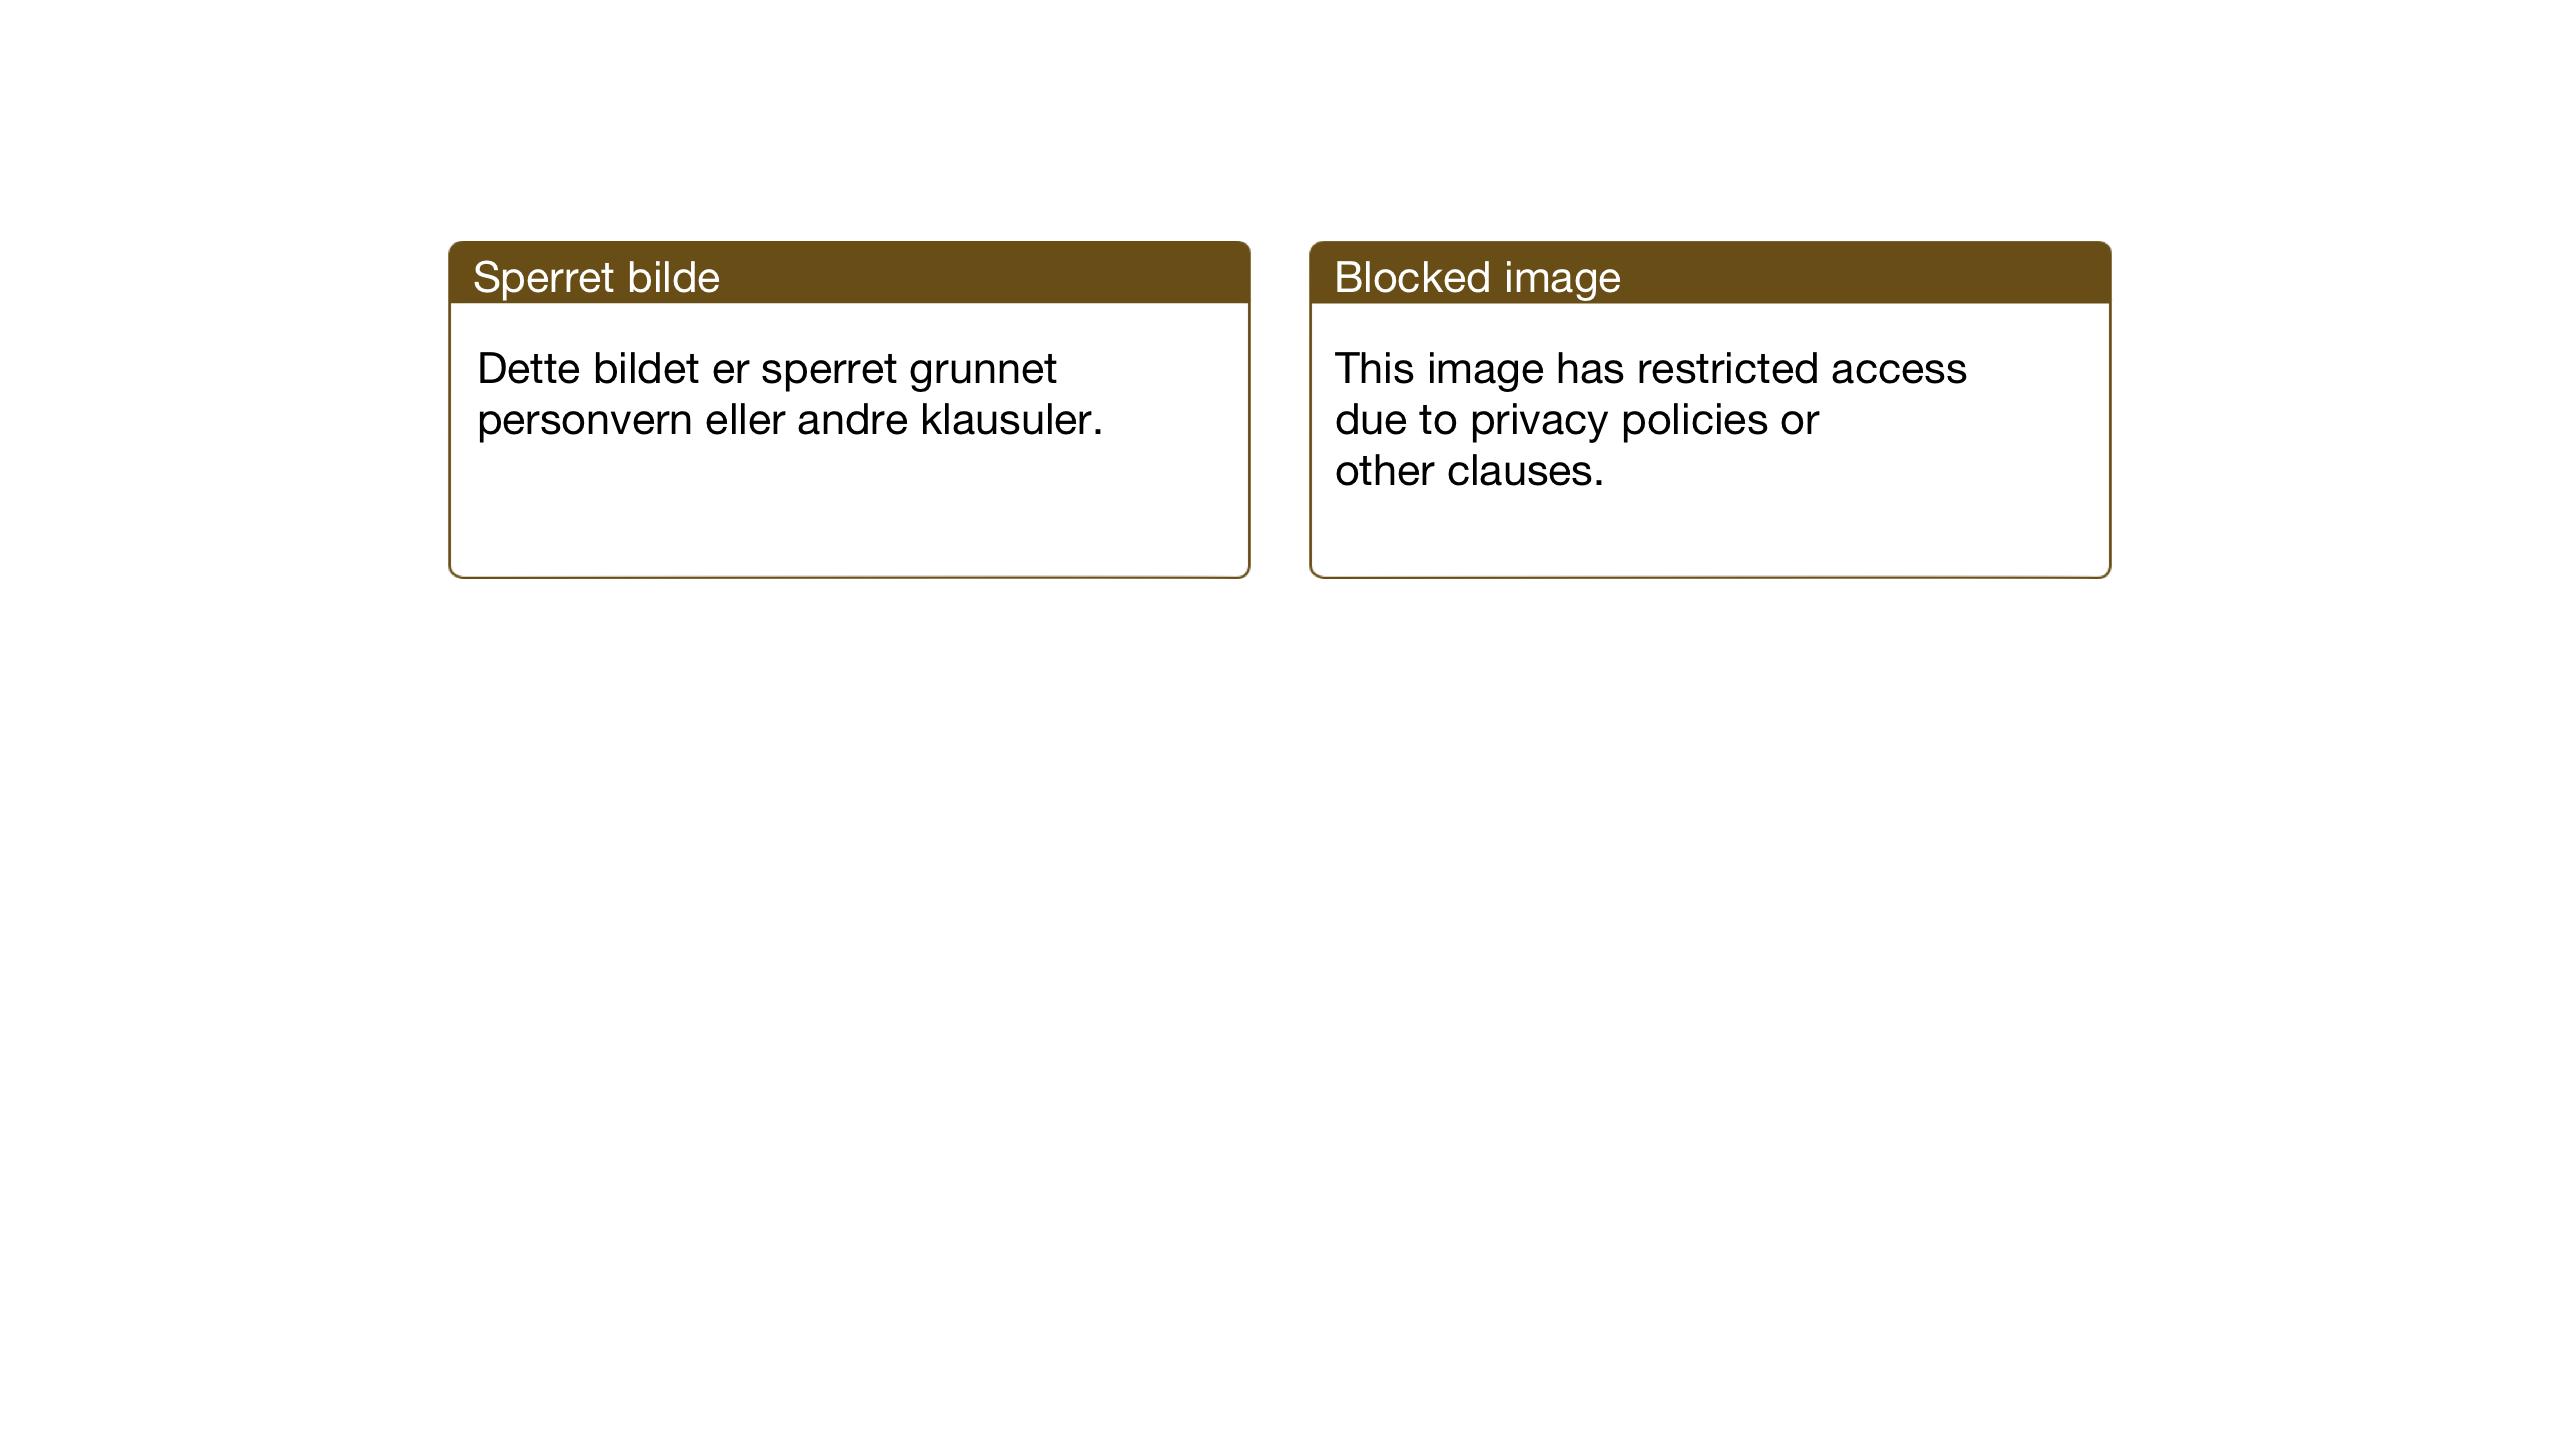 SAT, Ministerialprotokoller, klokkerbøker og fødselsregistre - Sør-Trøndelag, 659/L0750: Klokkerbok nr. 659C07, 1914-1940, s. 75